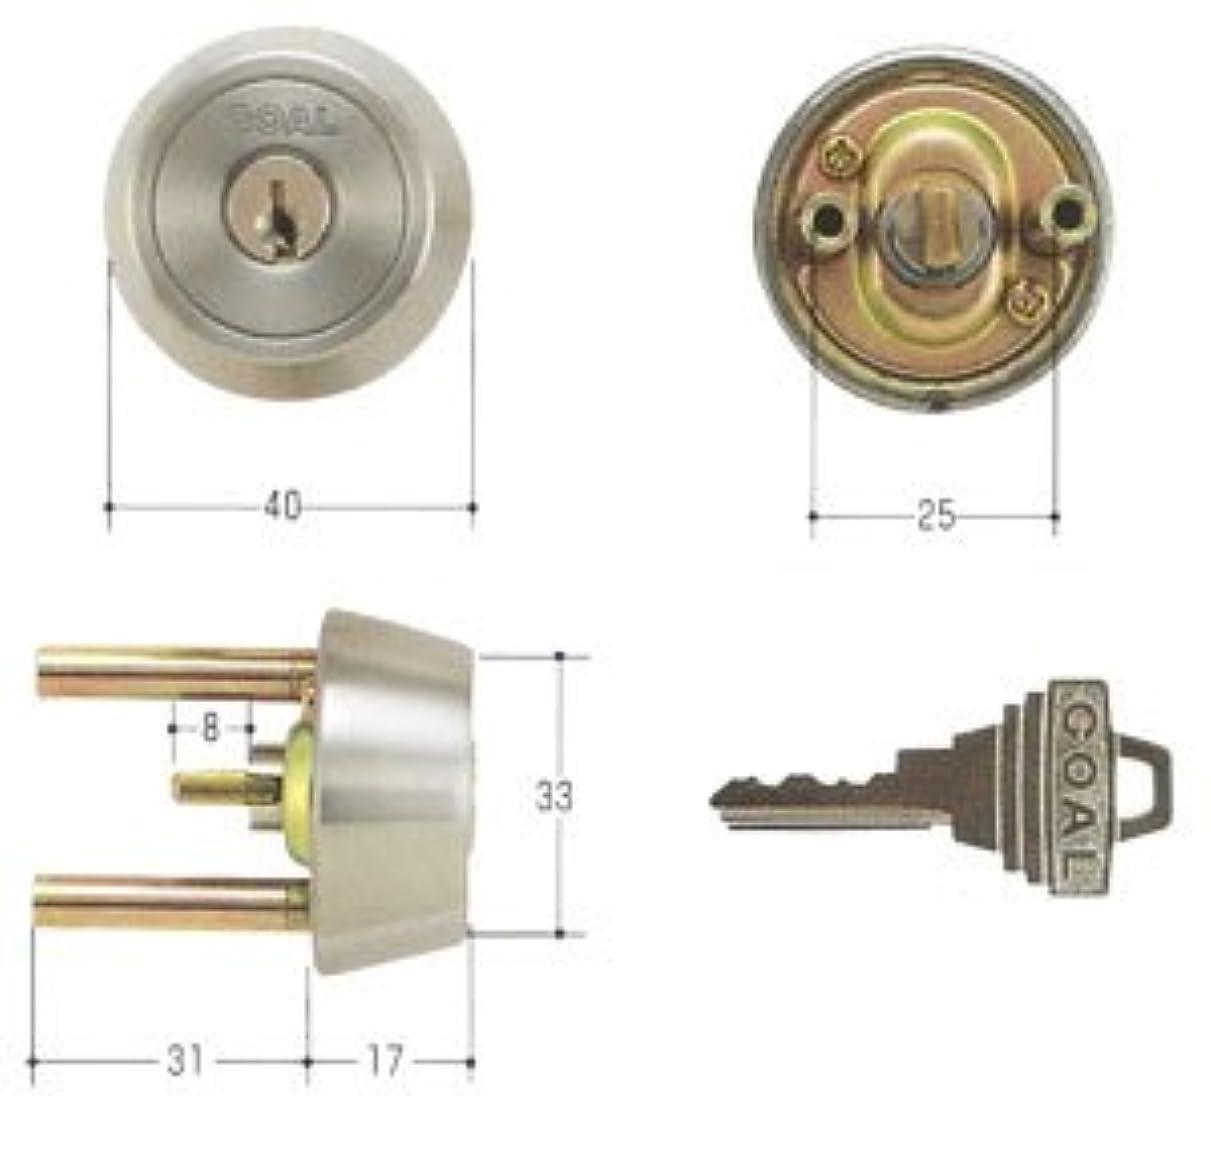 ピッチャー現代幼児GOAL(ゴール) ピンシリンダー TXタイプ GCY-79 キー標準3本付属 玄関 鍵 交換 取替え テール刻印34 /扉厚34~37mm向け GCY79 TX /TDDシルバー色